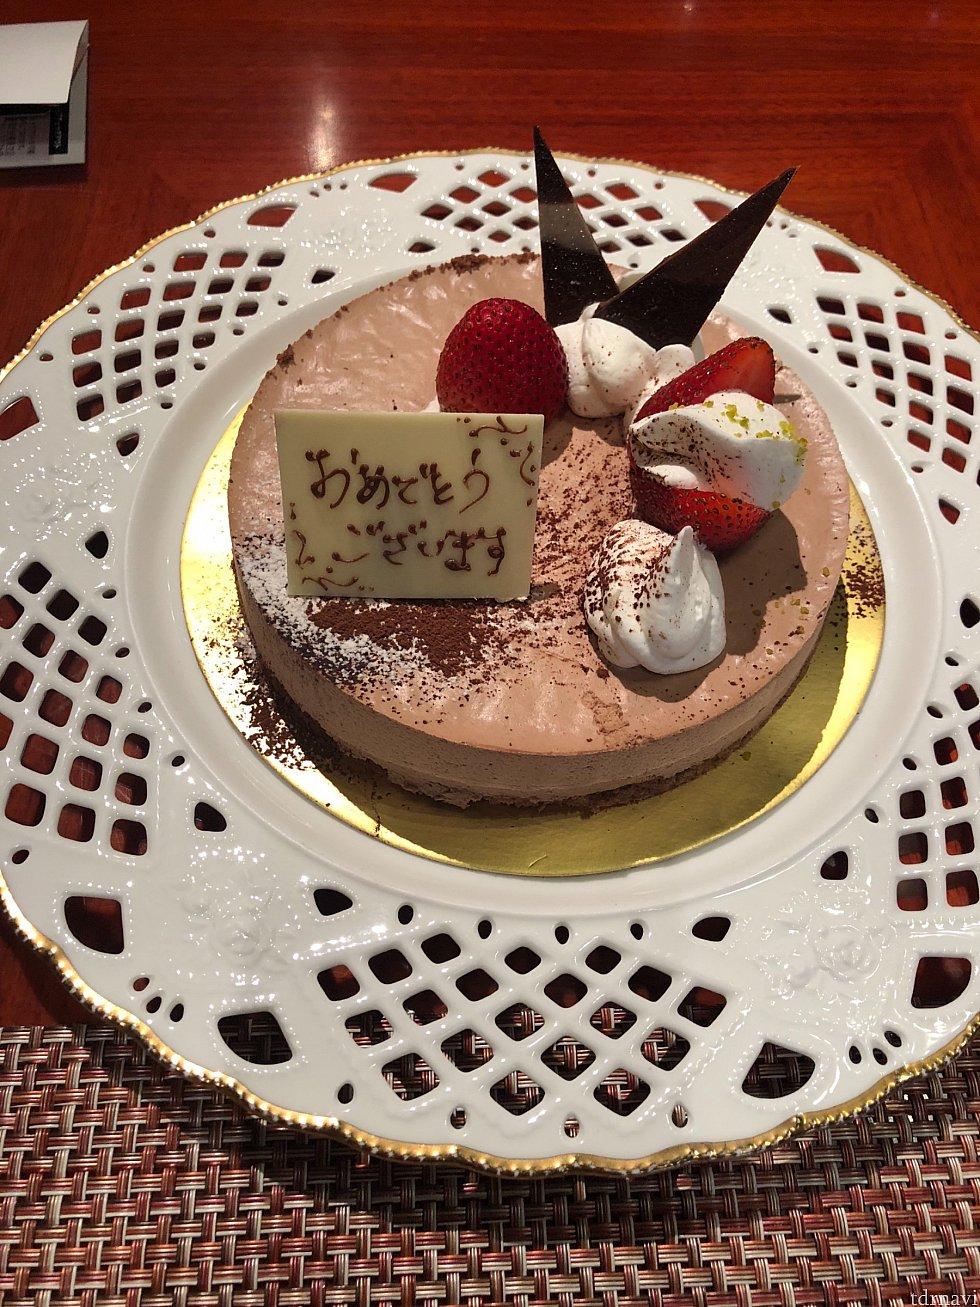 お祝いのケーキを事前予約したら、無料でした(^。^) こんな大きくてビックリ⁉️